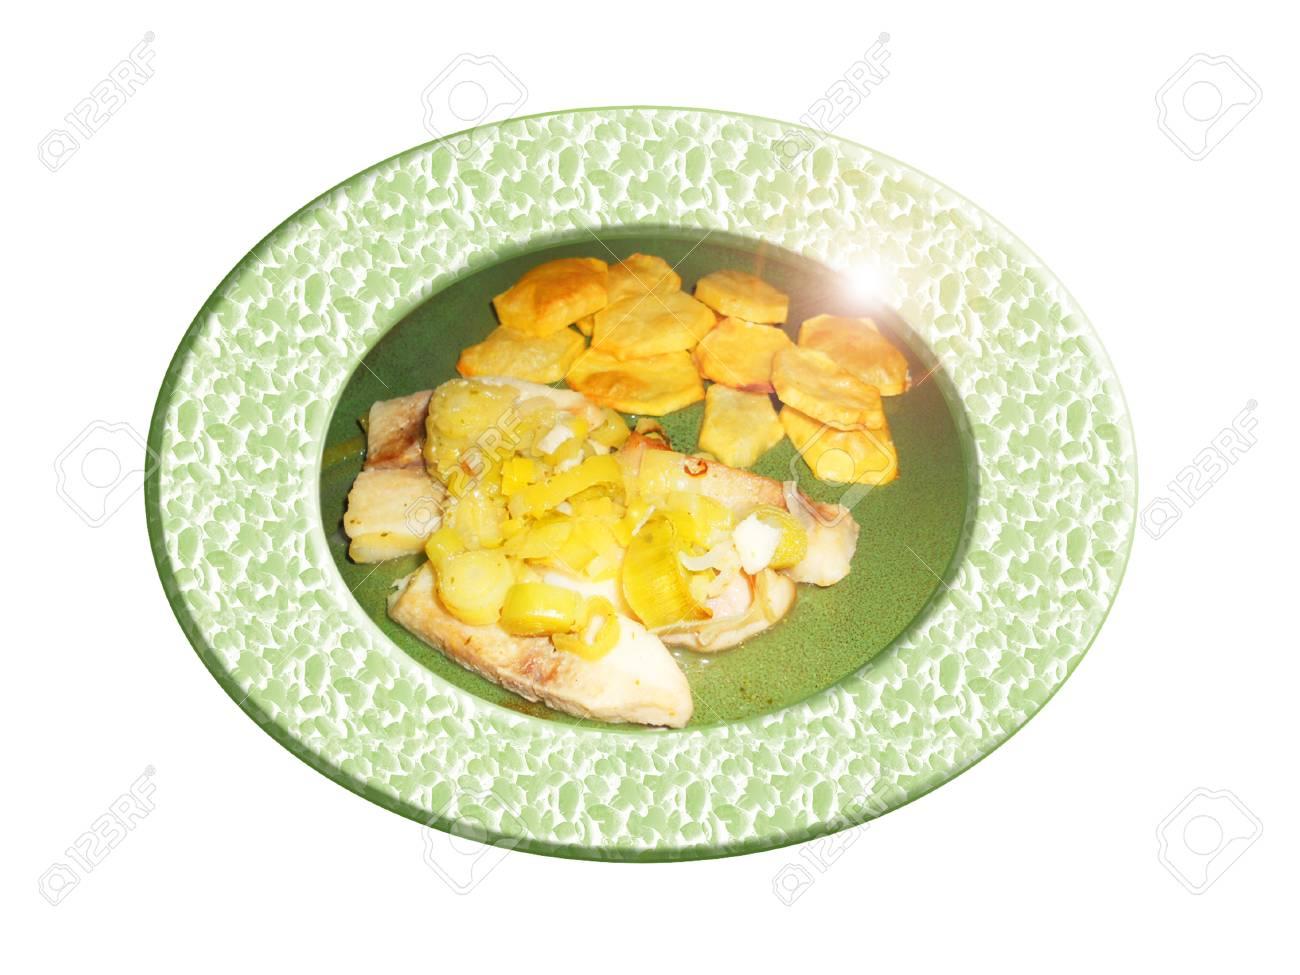 Pescado con puerros y patatas. Composición. Foto de archivo - 36313156